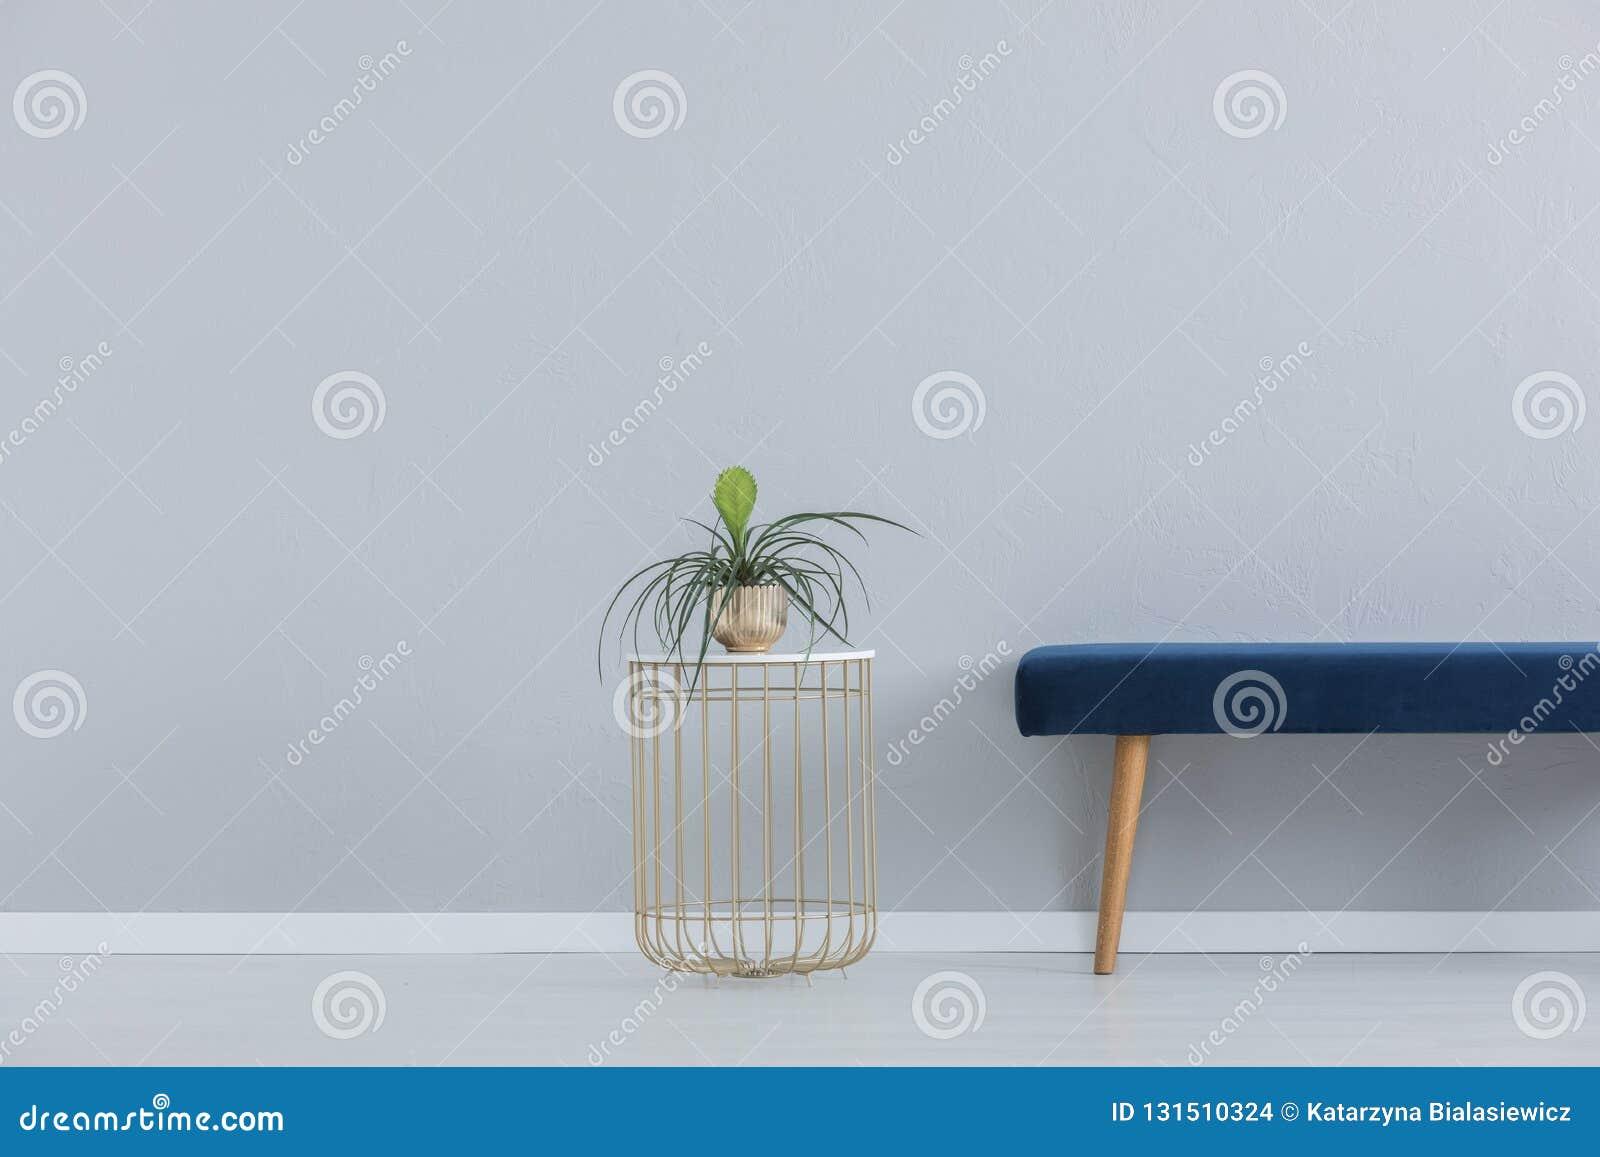 Πράσινες εγκαταστάσεις στο χρυσό δοχείο και μπλε καναπές βελούδου, πραγματική φωτογραφία με το διάστημα αντιγράφων